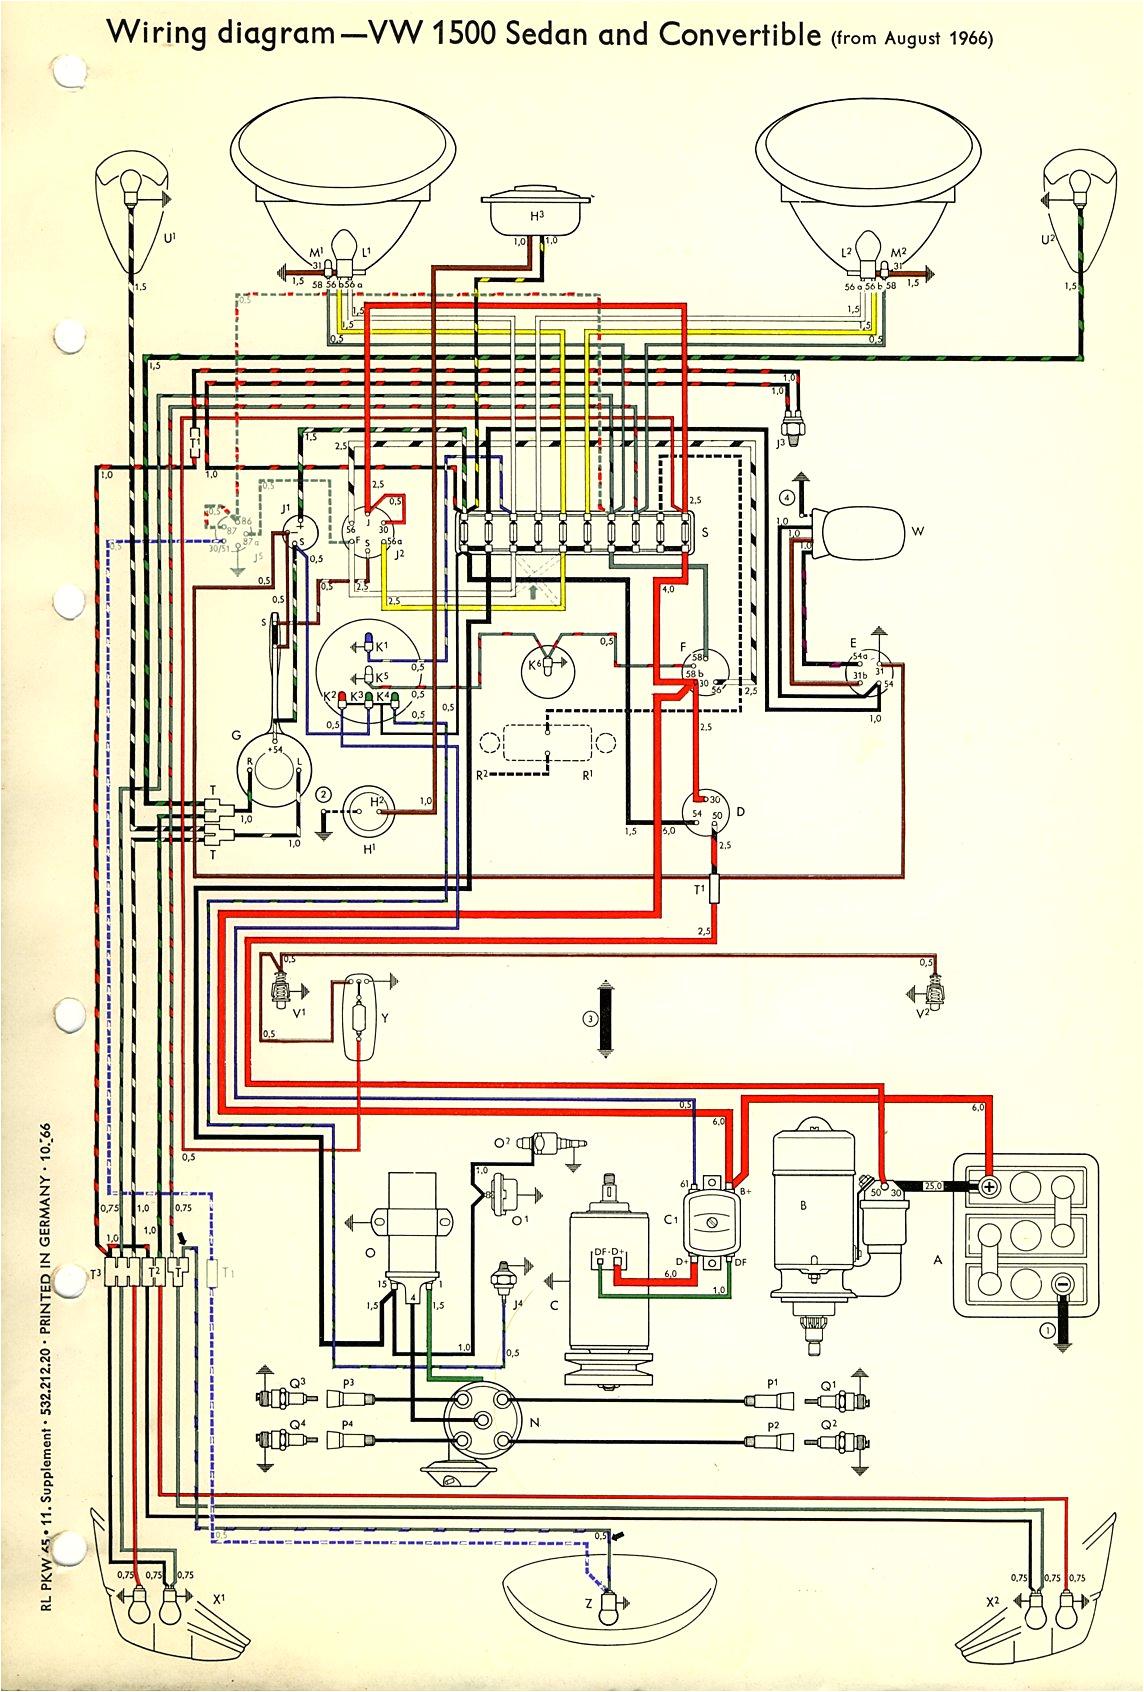 1973 volkswagen wiring diagram book diagram schema volkswagen wiring diagram 1973 vw beetle